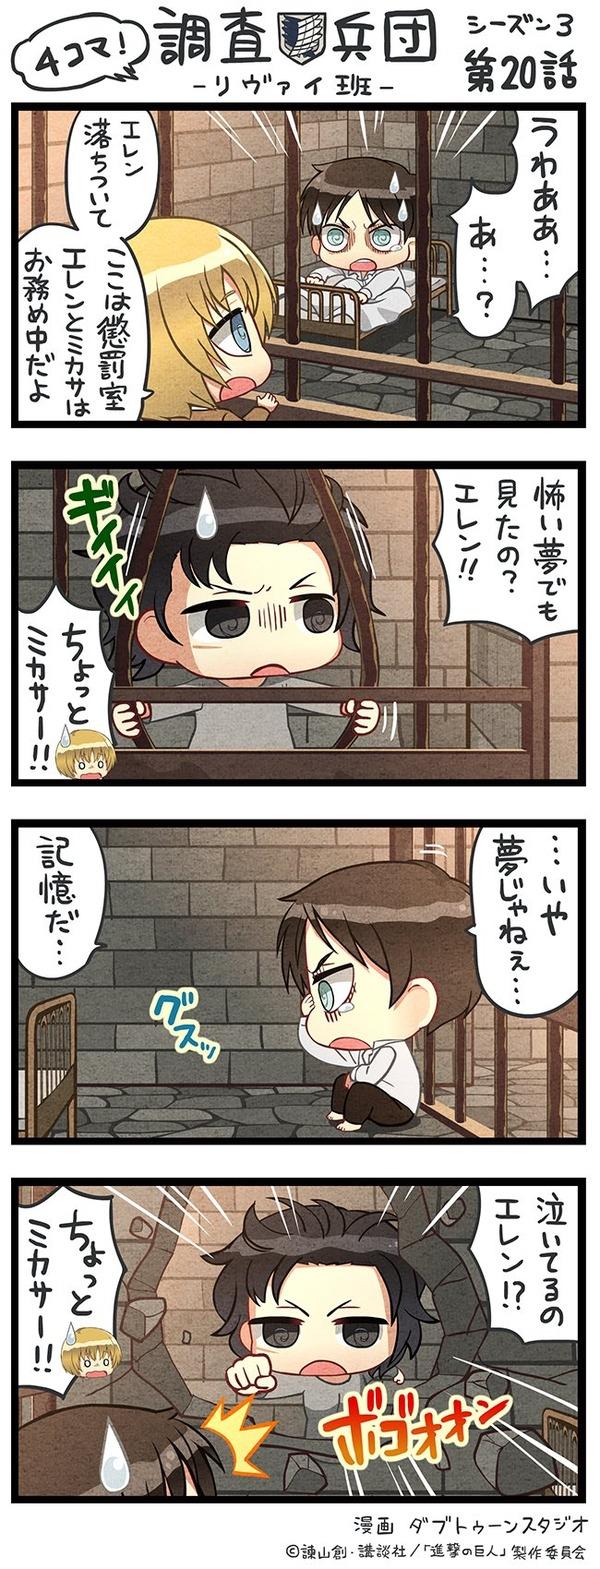 """調査兵団-リヴァイ班 -""""Season3第20話"""